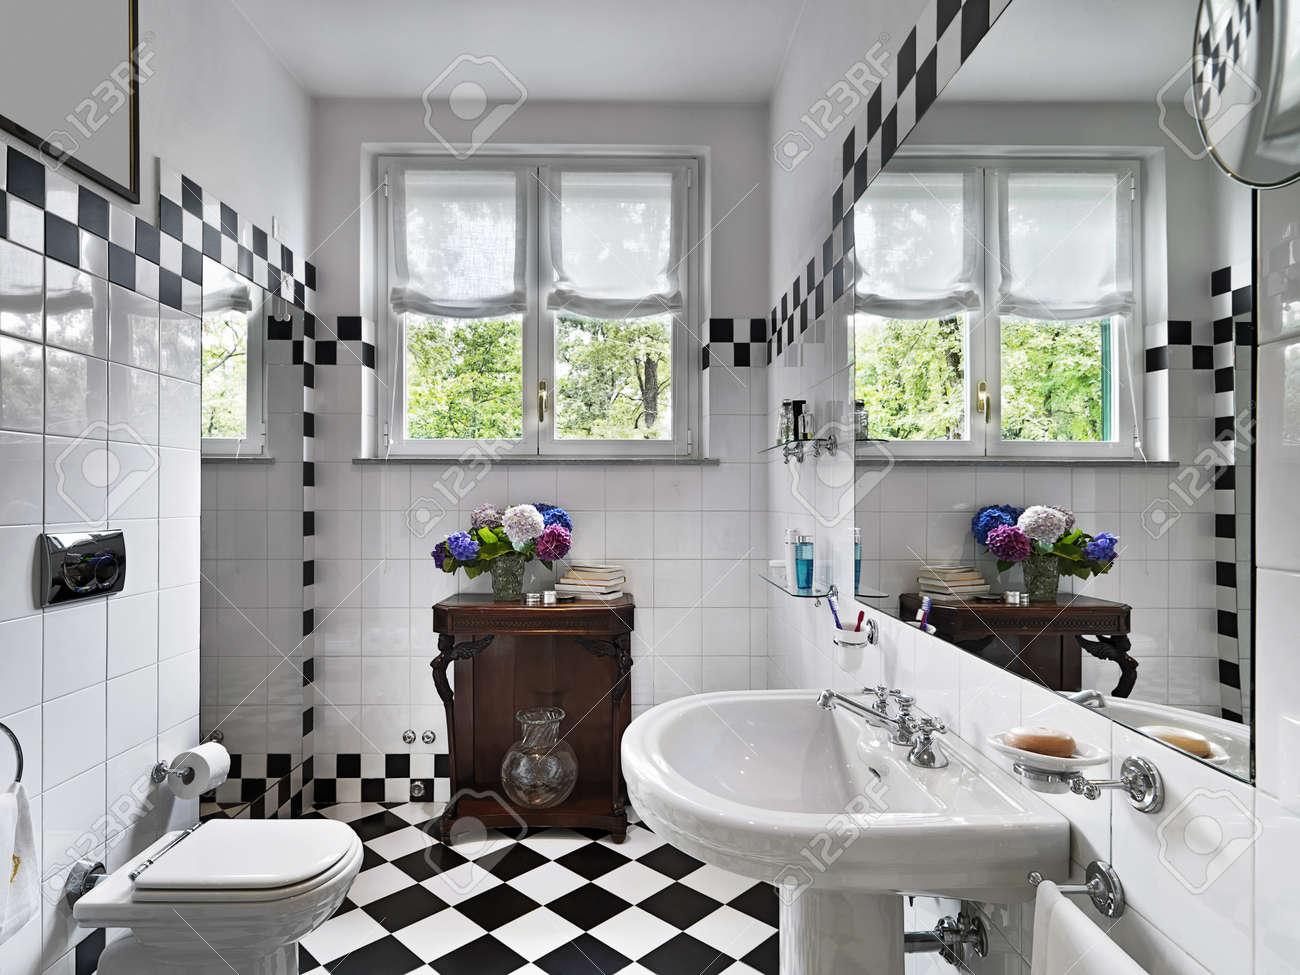 Modernes Badezimmer Schwarz Und Weiß Standard Bild   15303472